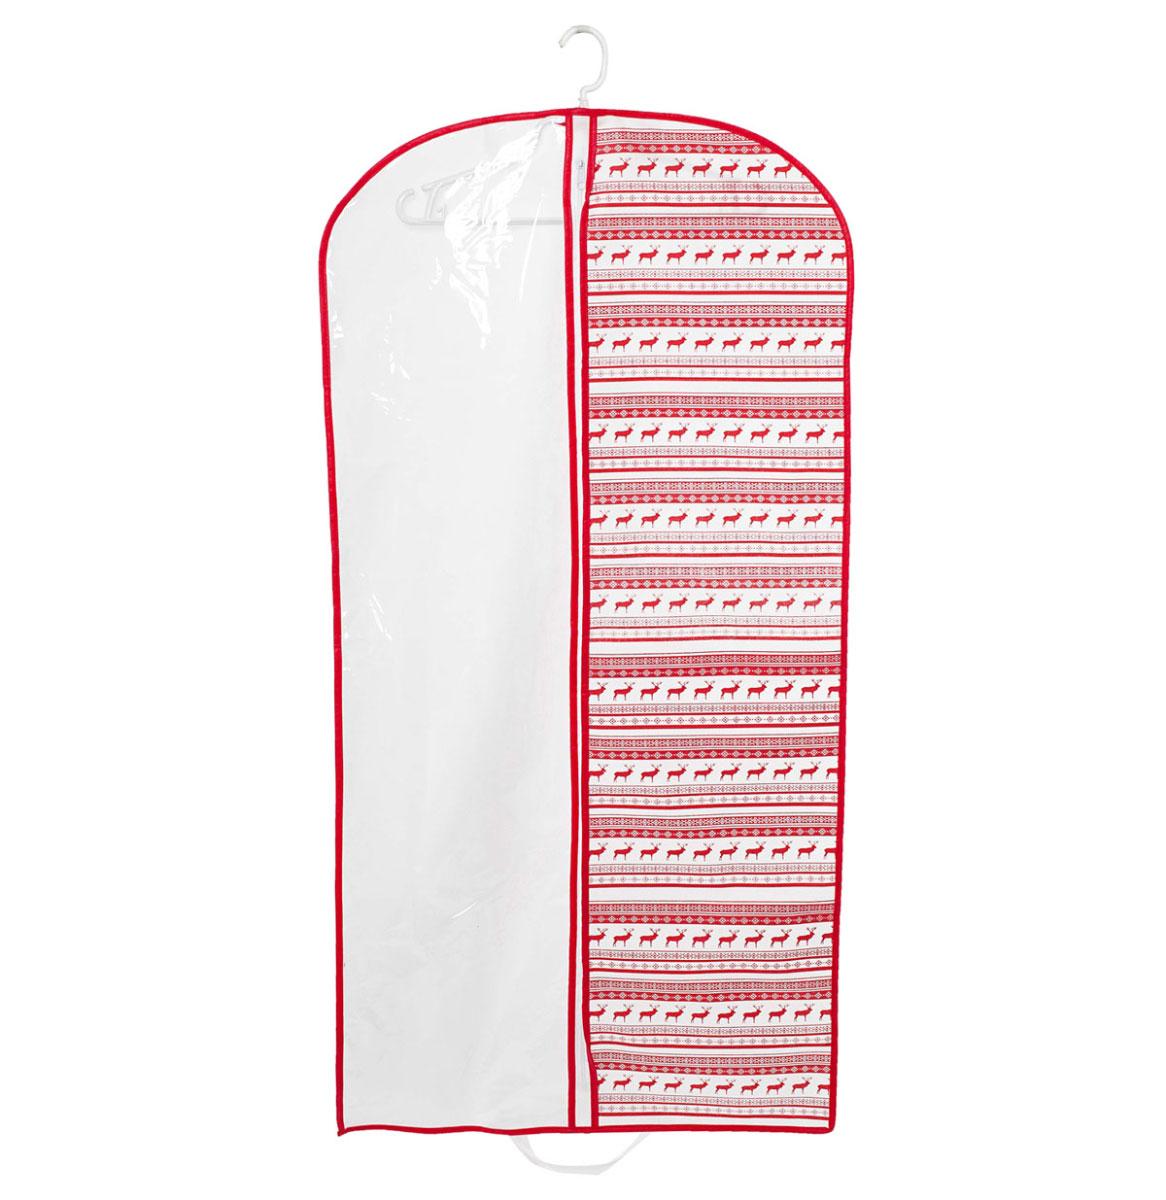 Чехол для одежды Homsu Scandinavia, подвесной, с прозрачной вставкой, 120 х 60 смHOM-204Подвесной чехол для одежды Homsu Scandinavia на застежке-молнии выполнен из высококачественного нетканого материала. Чехол снабжен прозрачной вставкой из ПВХ, что позволяет легко просматривать содержимое. Изделие подходит для длительного хранения вещей. Чехол обеспечит вашей одежде надежную защиту от влажности, повреждений и грязи при транспортировке, от запыления при хранении и проникновения моли. Чехол позволяет воздуху свободно поступать внутрь вещей, обеспечивая их кондиционирование. Это особенно важно при хранении кожаных и меховых изделий. Чехол для одежды Homsu Scandinavia создаст уютную атмосферу в гардеробе. Лаконичный дизайн придется по вкусу ценительницам эстетичного хранения и сделают вашу гардеробную изысканной и невероятно стильной. Размер чехла: 120 х 60 см.